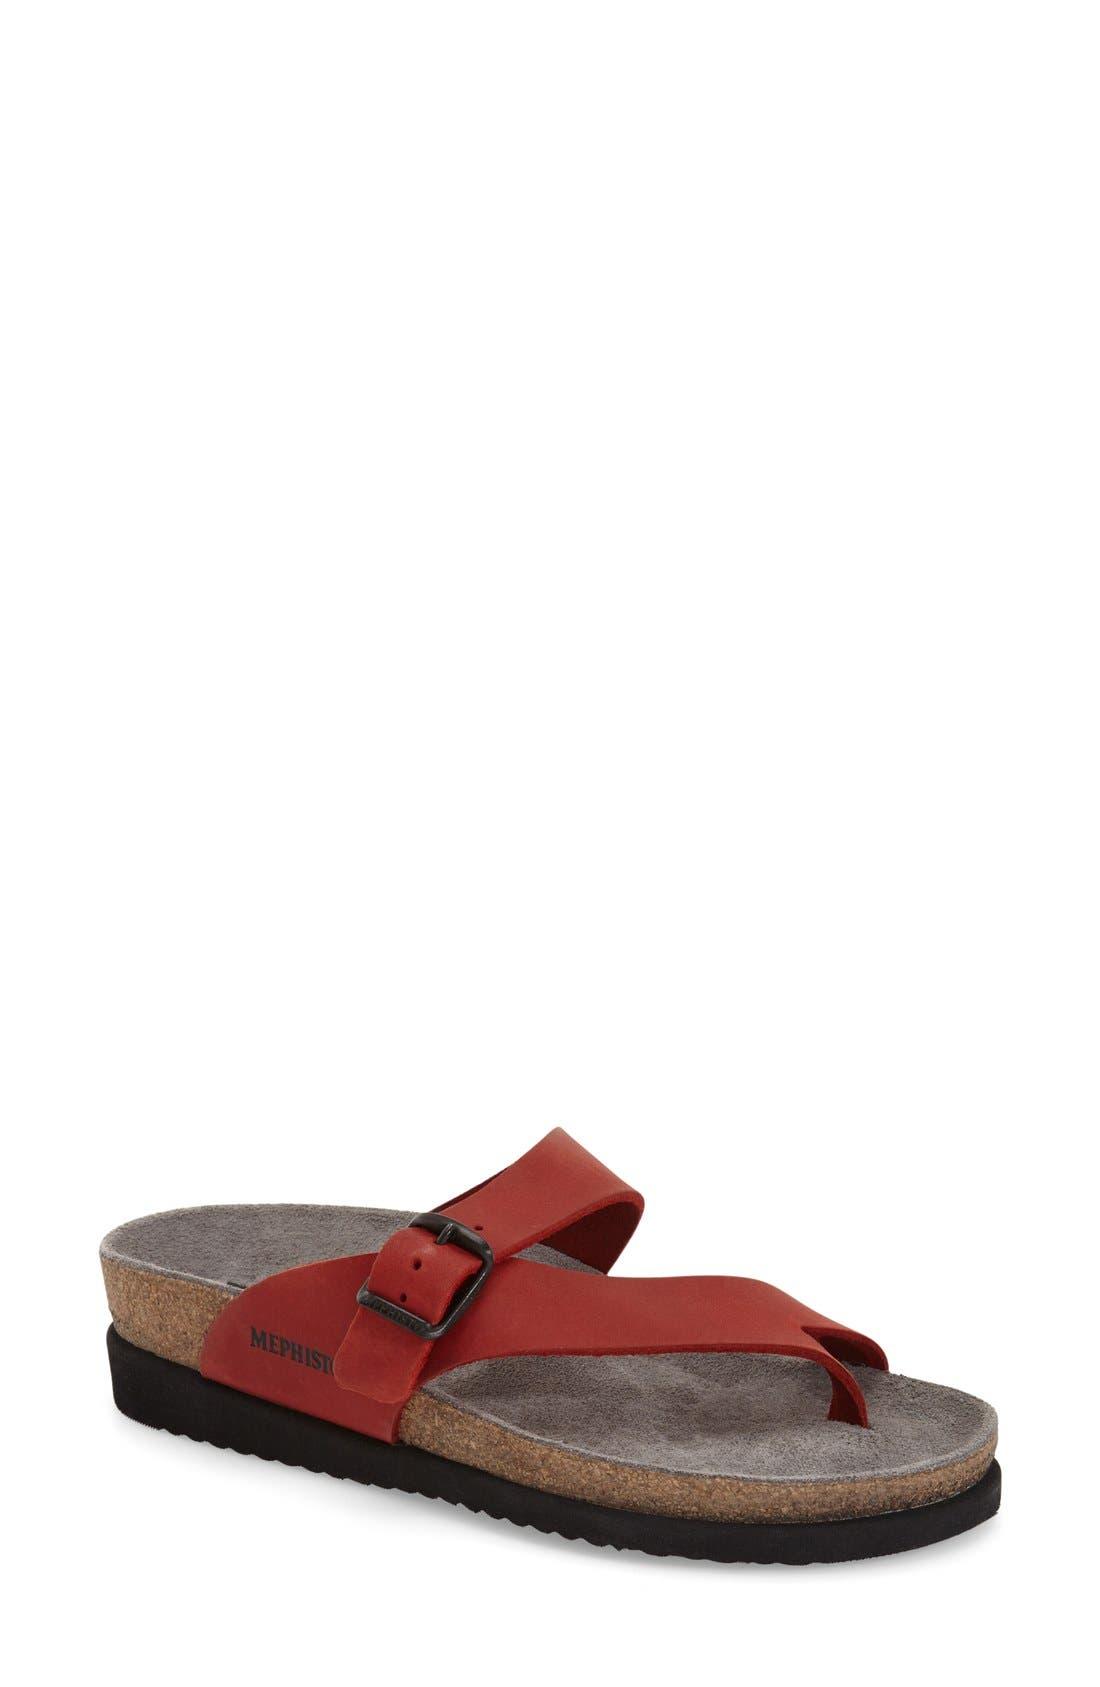 Mephisto 'Helen' Sandal (Women)